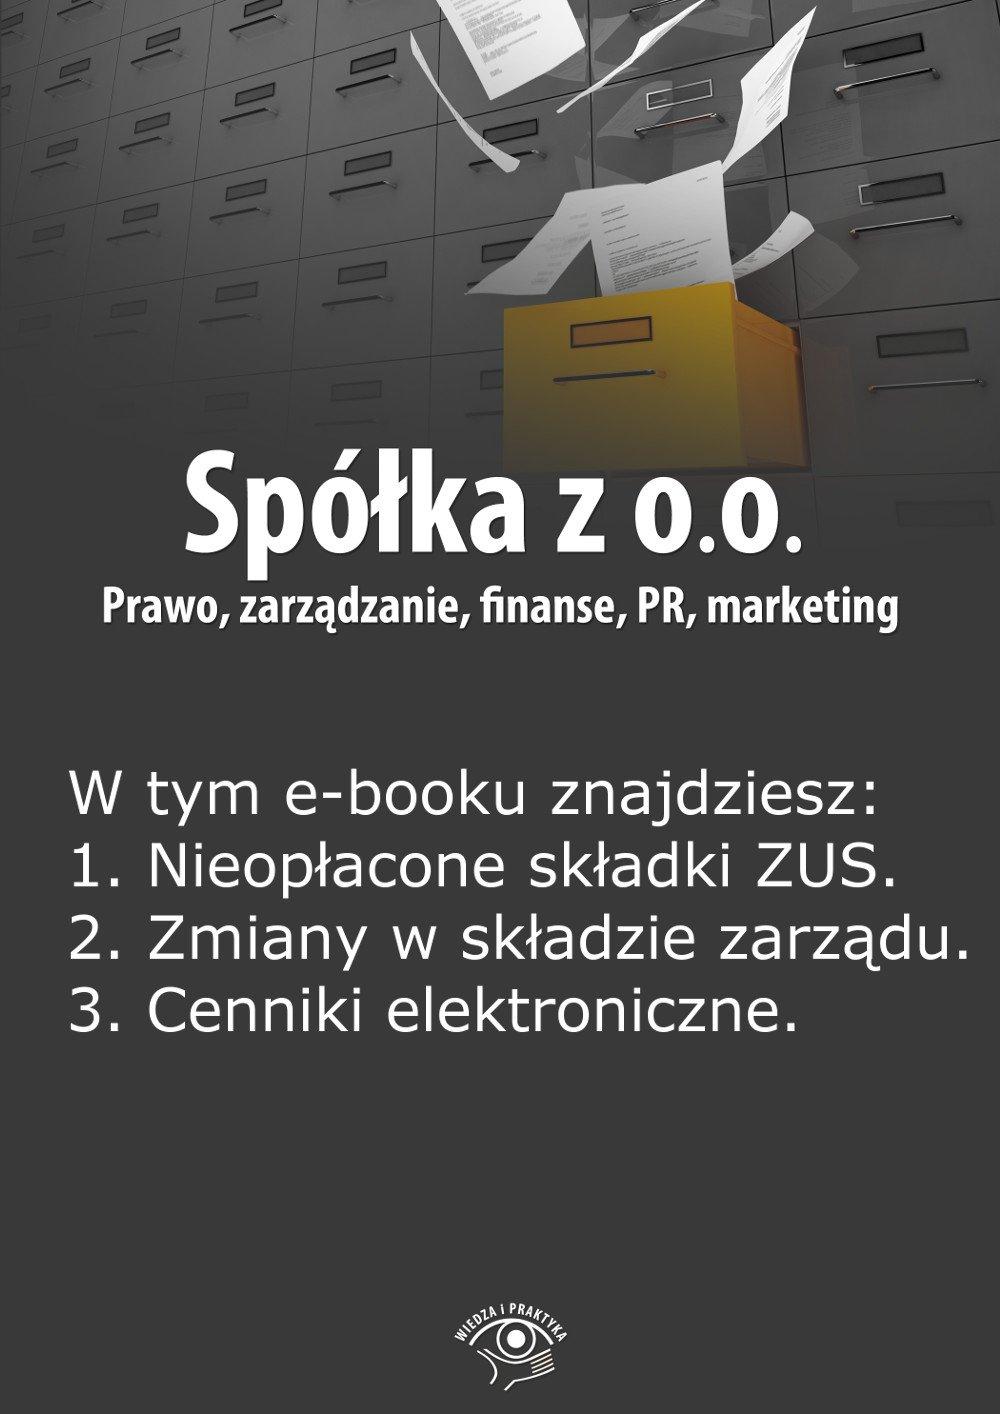 Spółka z o.o. Prawo, zarządzanie, finanse, PR, marketing. Wydanie marzec 2014 r. - Ebook (Książka EPUB) do pobrania w formacie EPUB